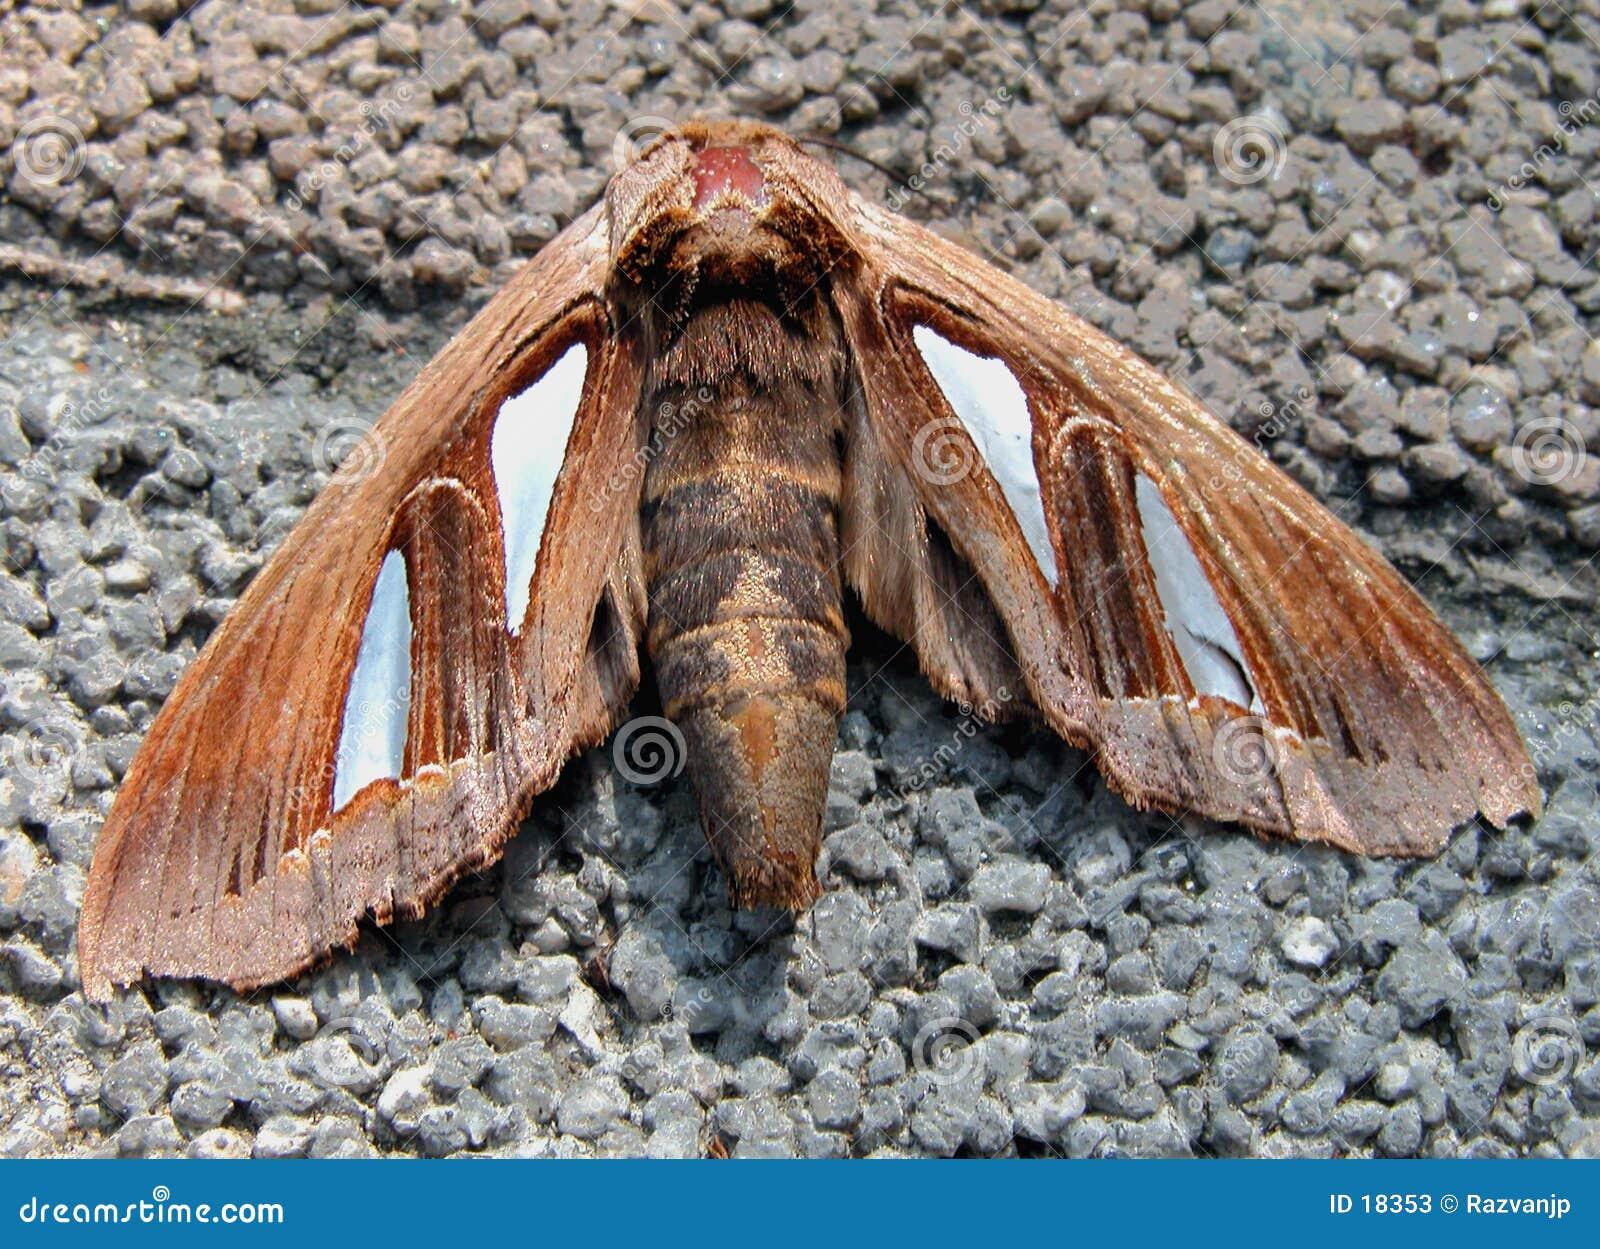 Night butterfly